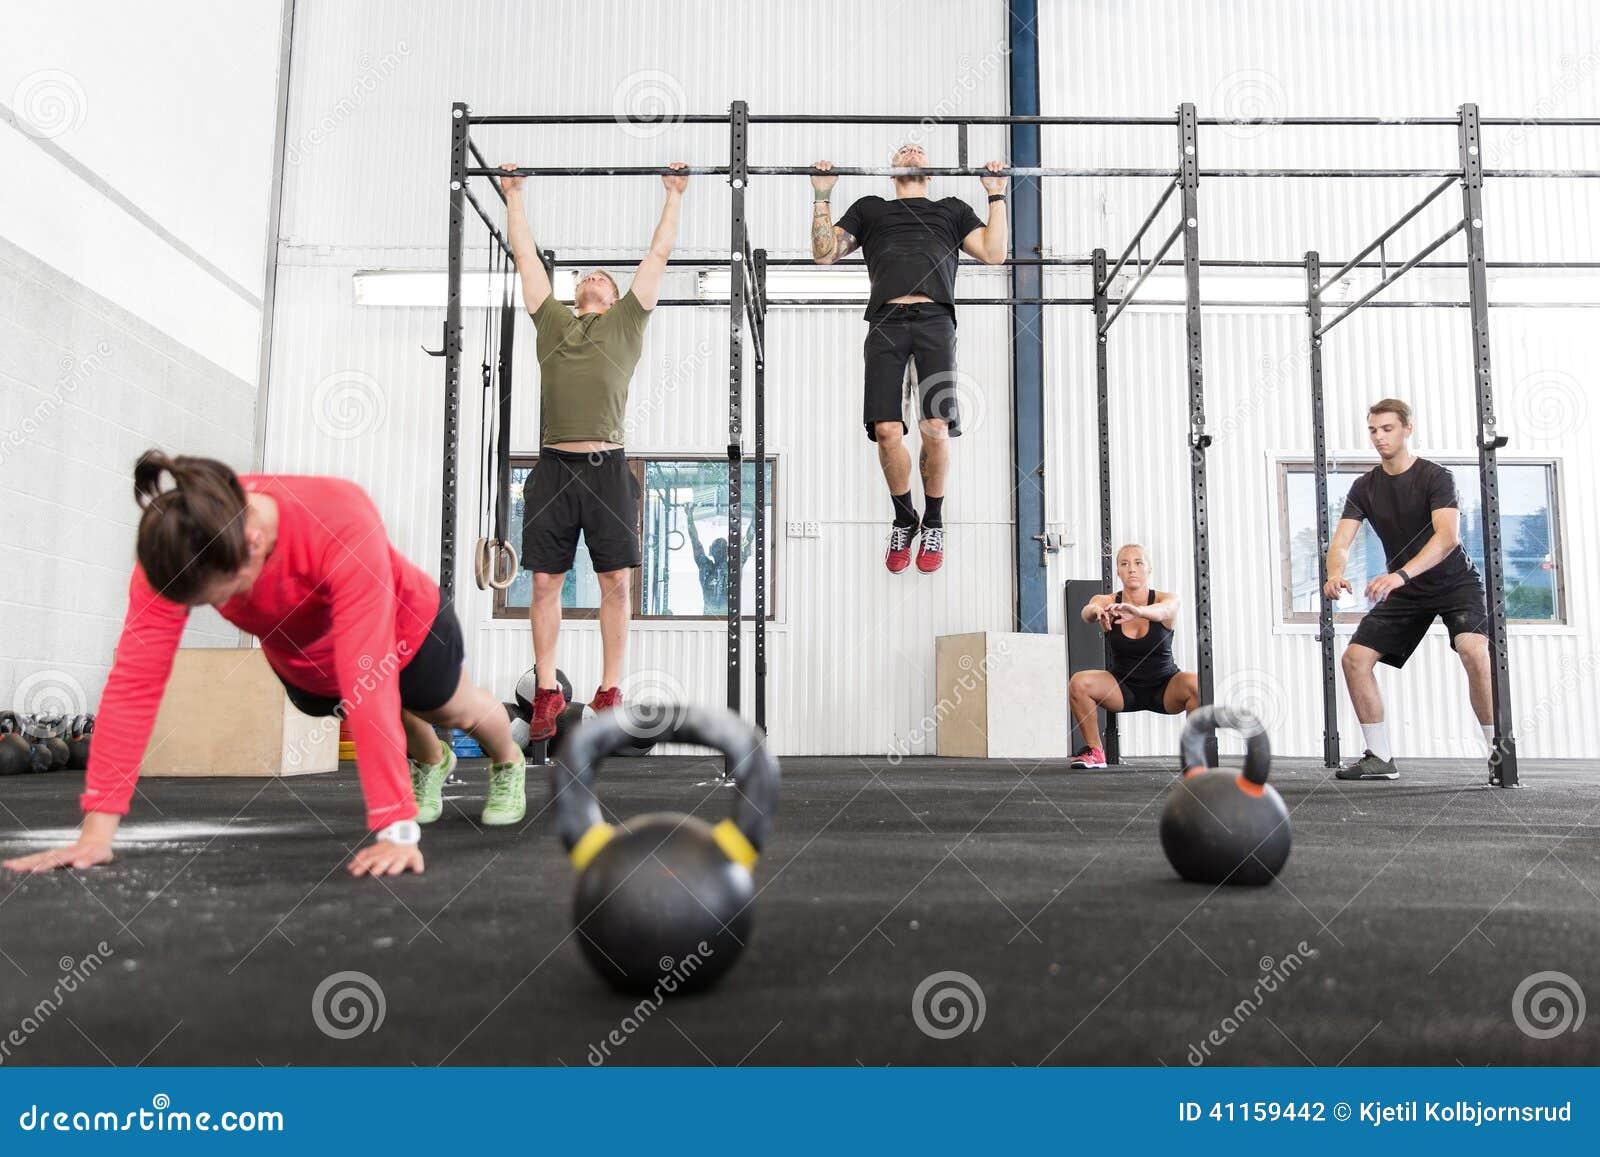 Crossfit小组训练不同的锻炼